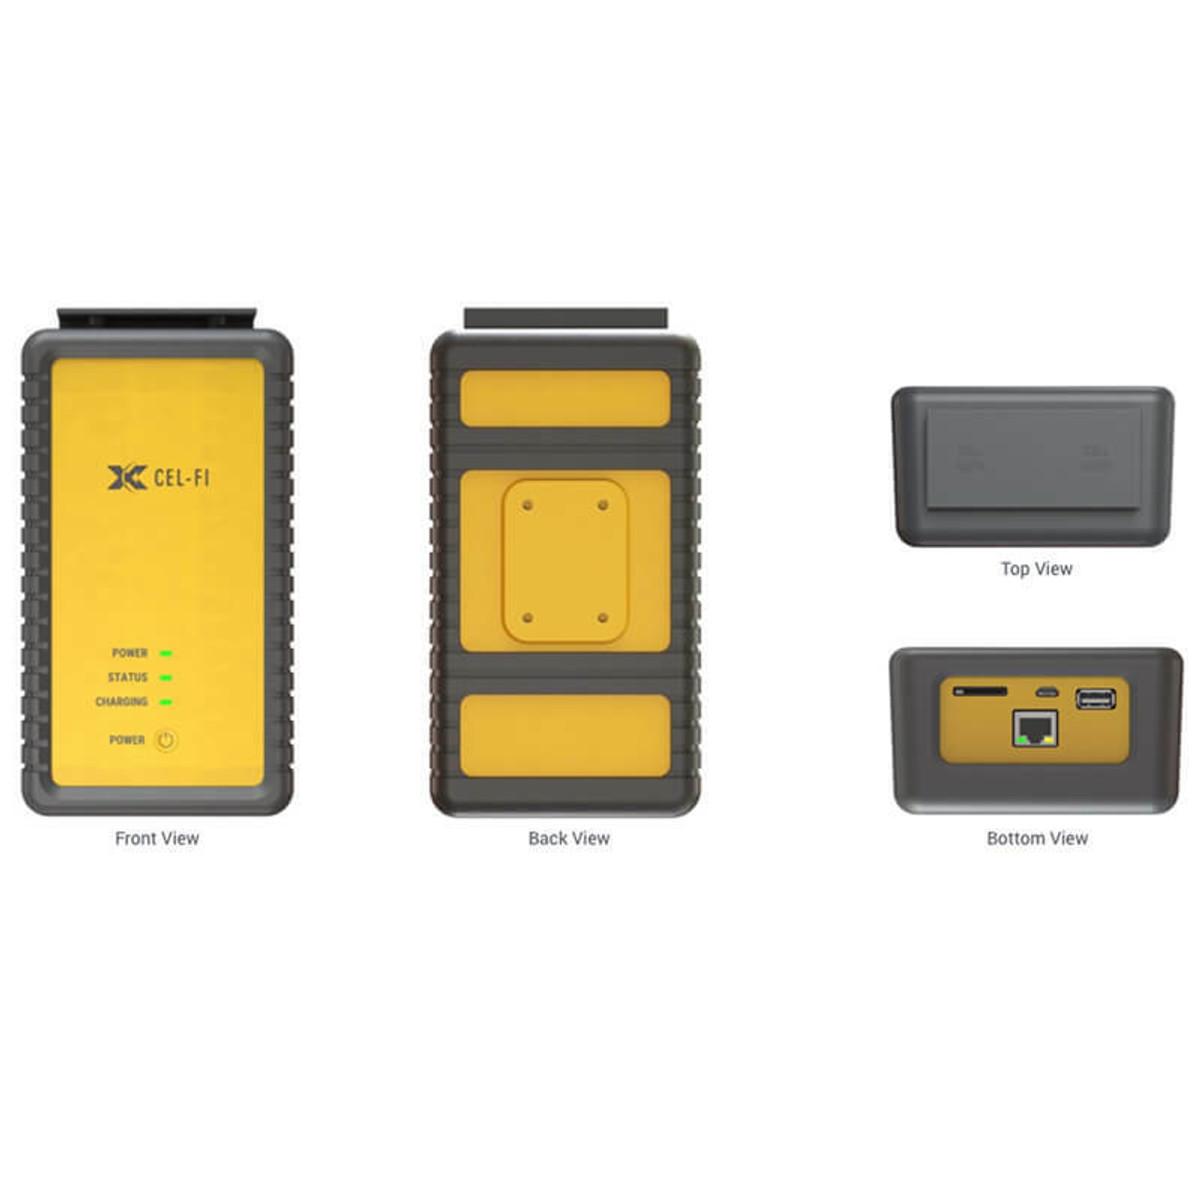 Cel-Fi Cel-Fi Compass RF Site Survey Tool